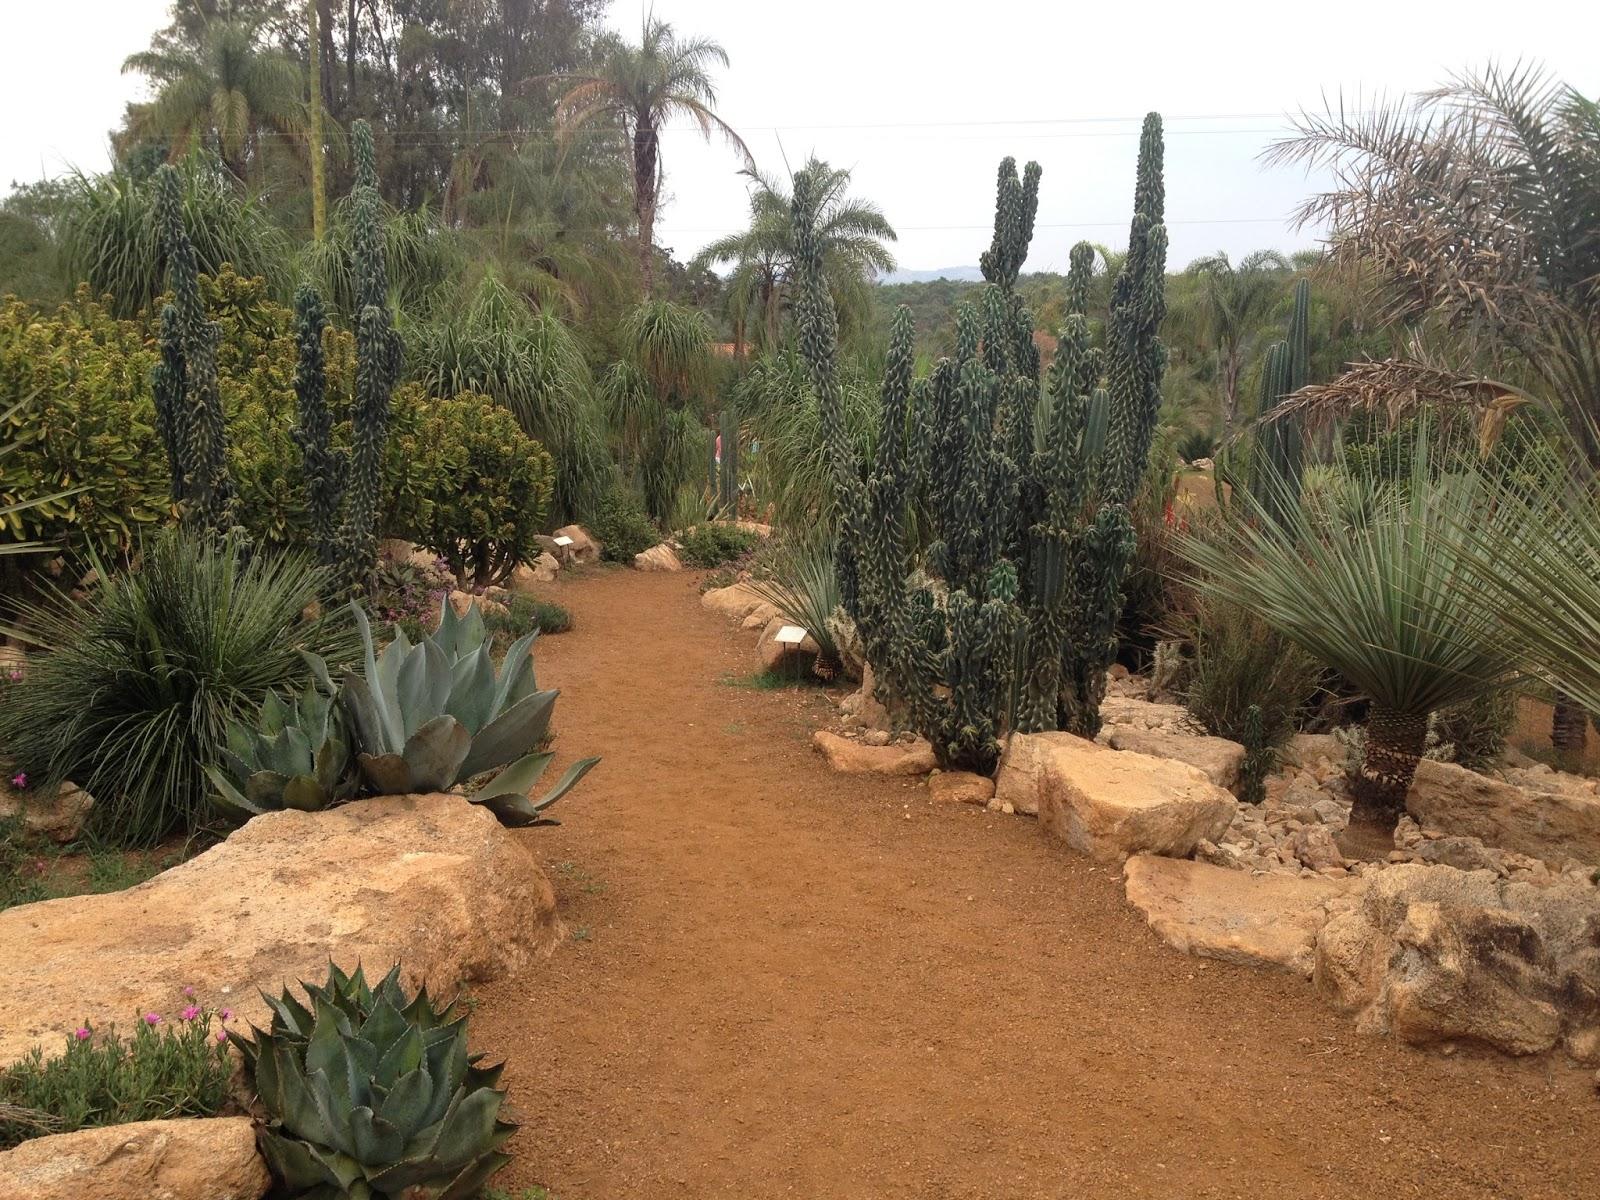 Jardim desértico inhotim